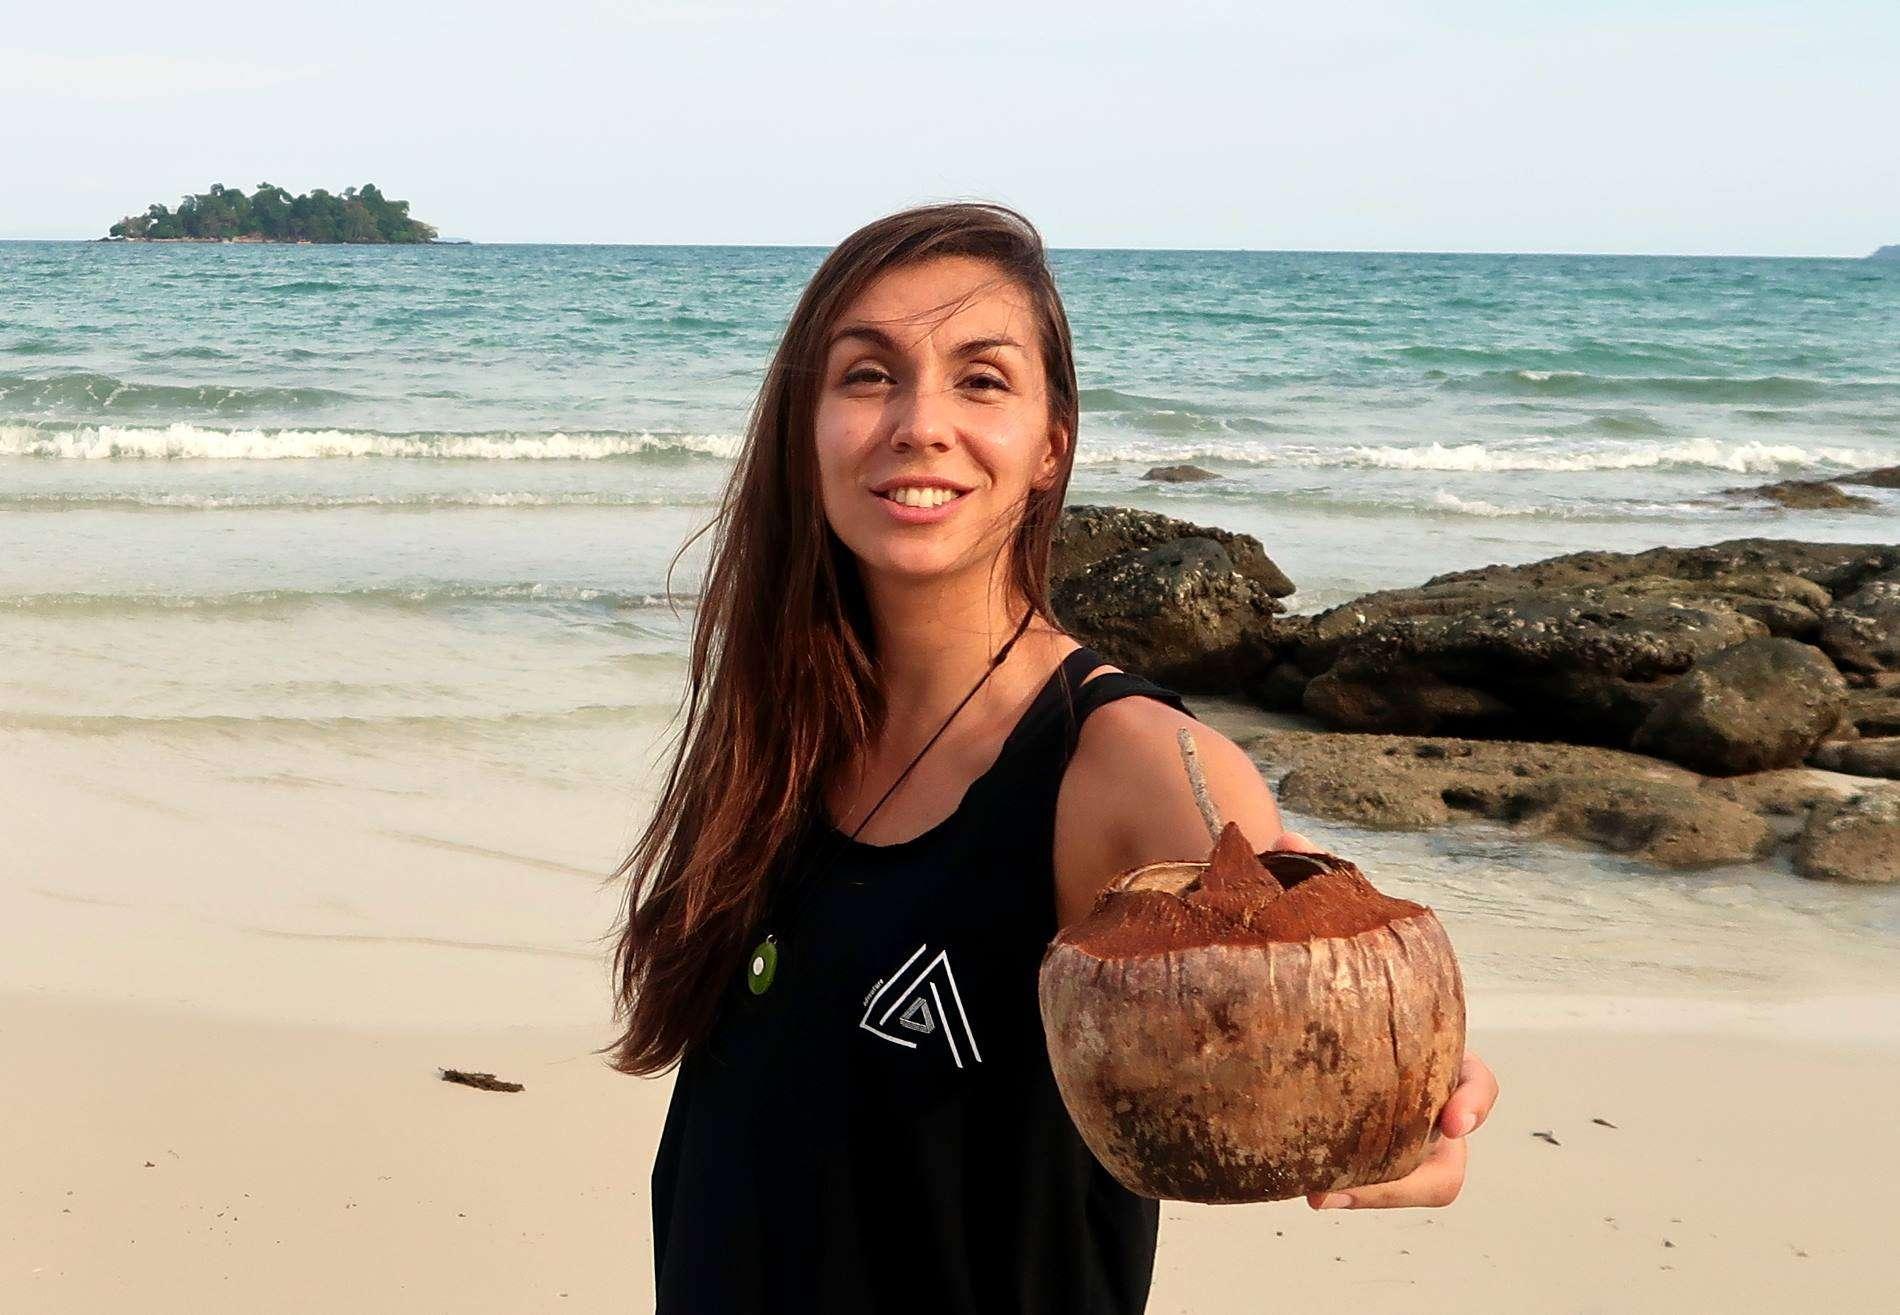 Coconut - 10 choses les plus stressantes en voyage (et comment les éviter) - Nomad Junkies